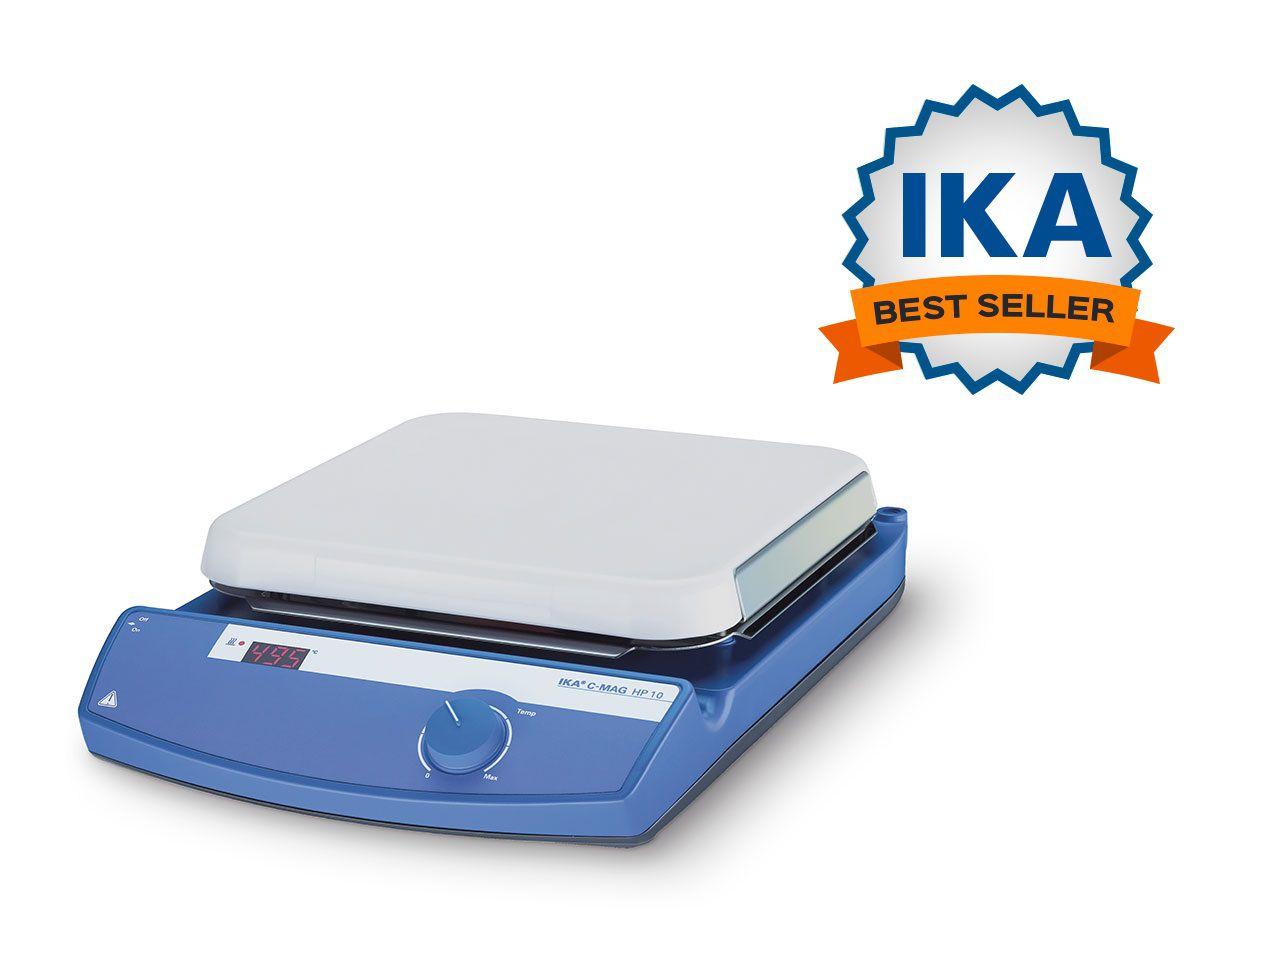 Plataforma Aquecedora Digital C-Mag HP 10 - Ika Best Seller